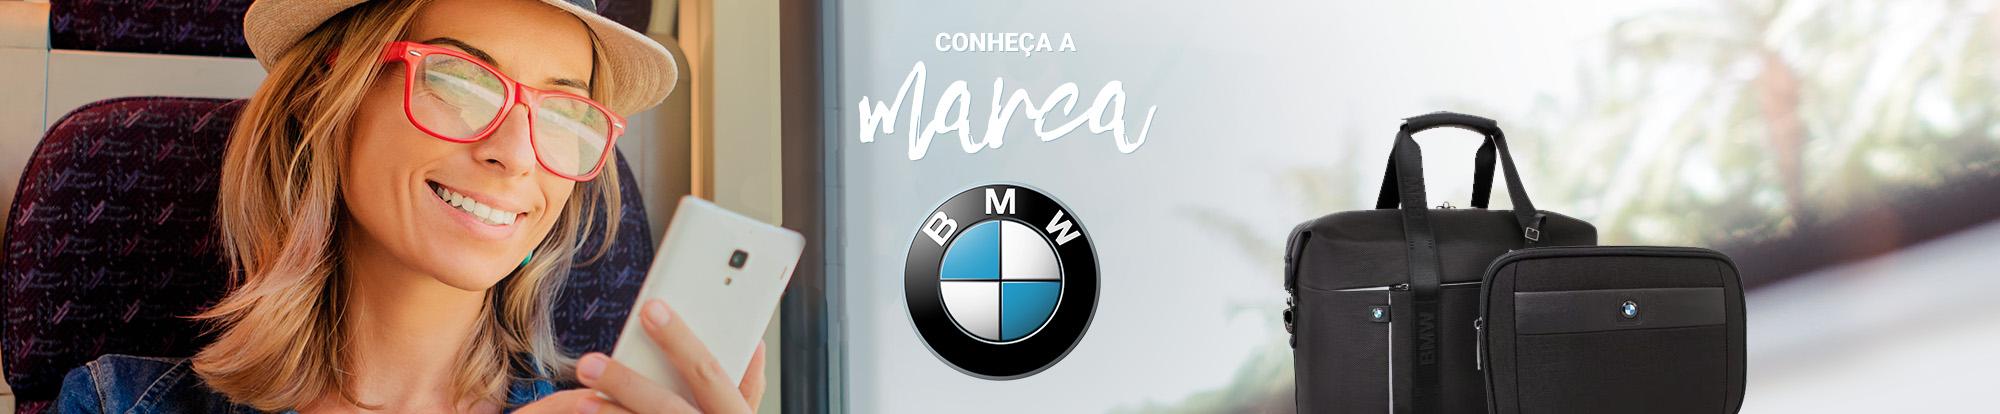 Banner Marca BMW